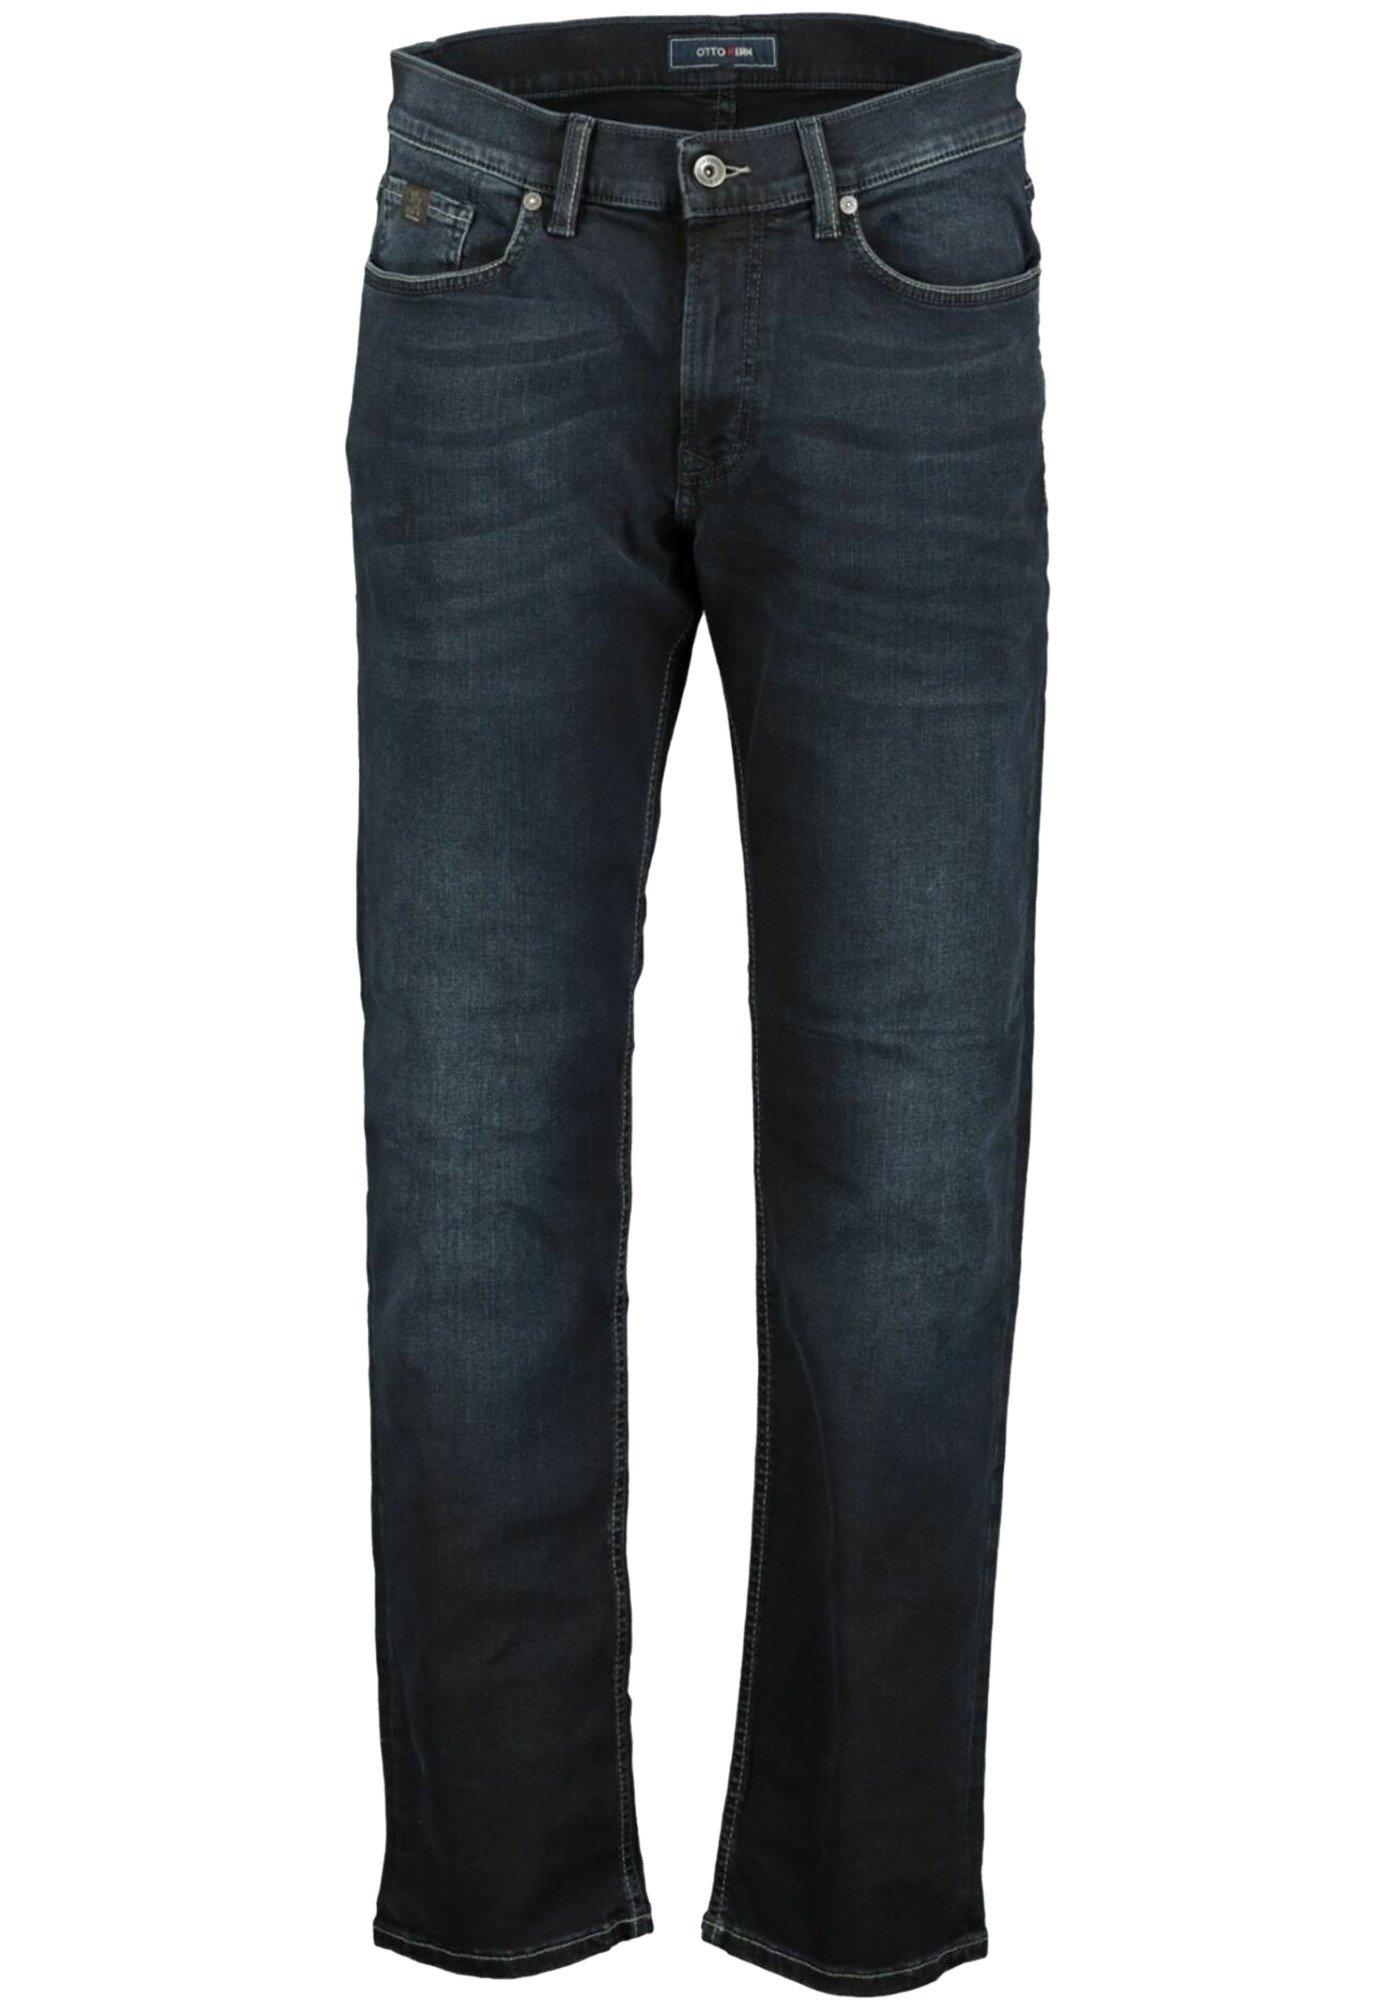 Herren Jeans Bootcut